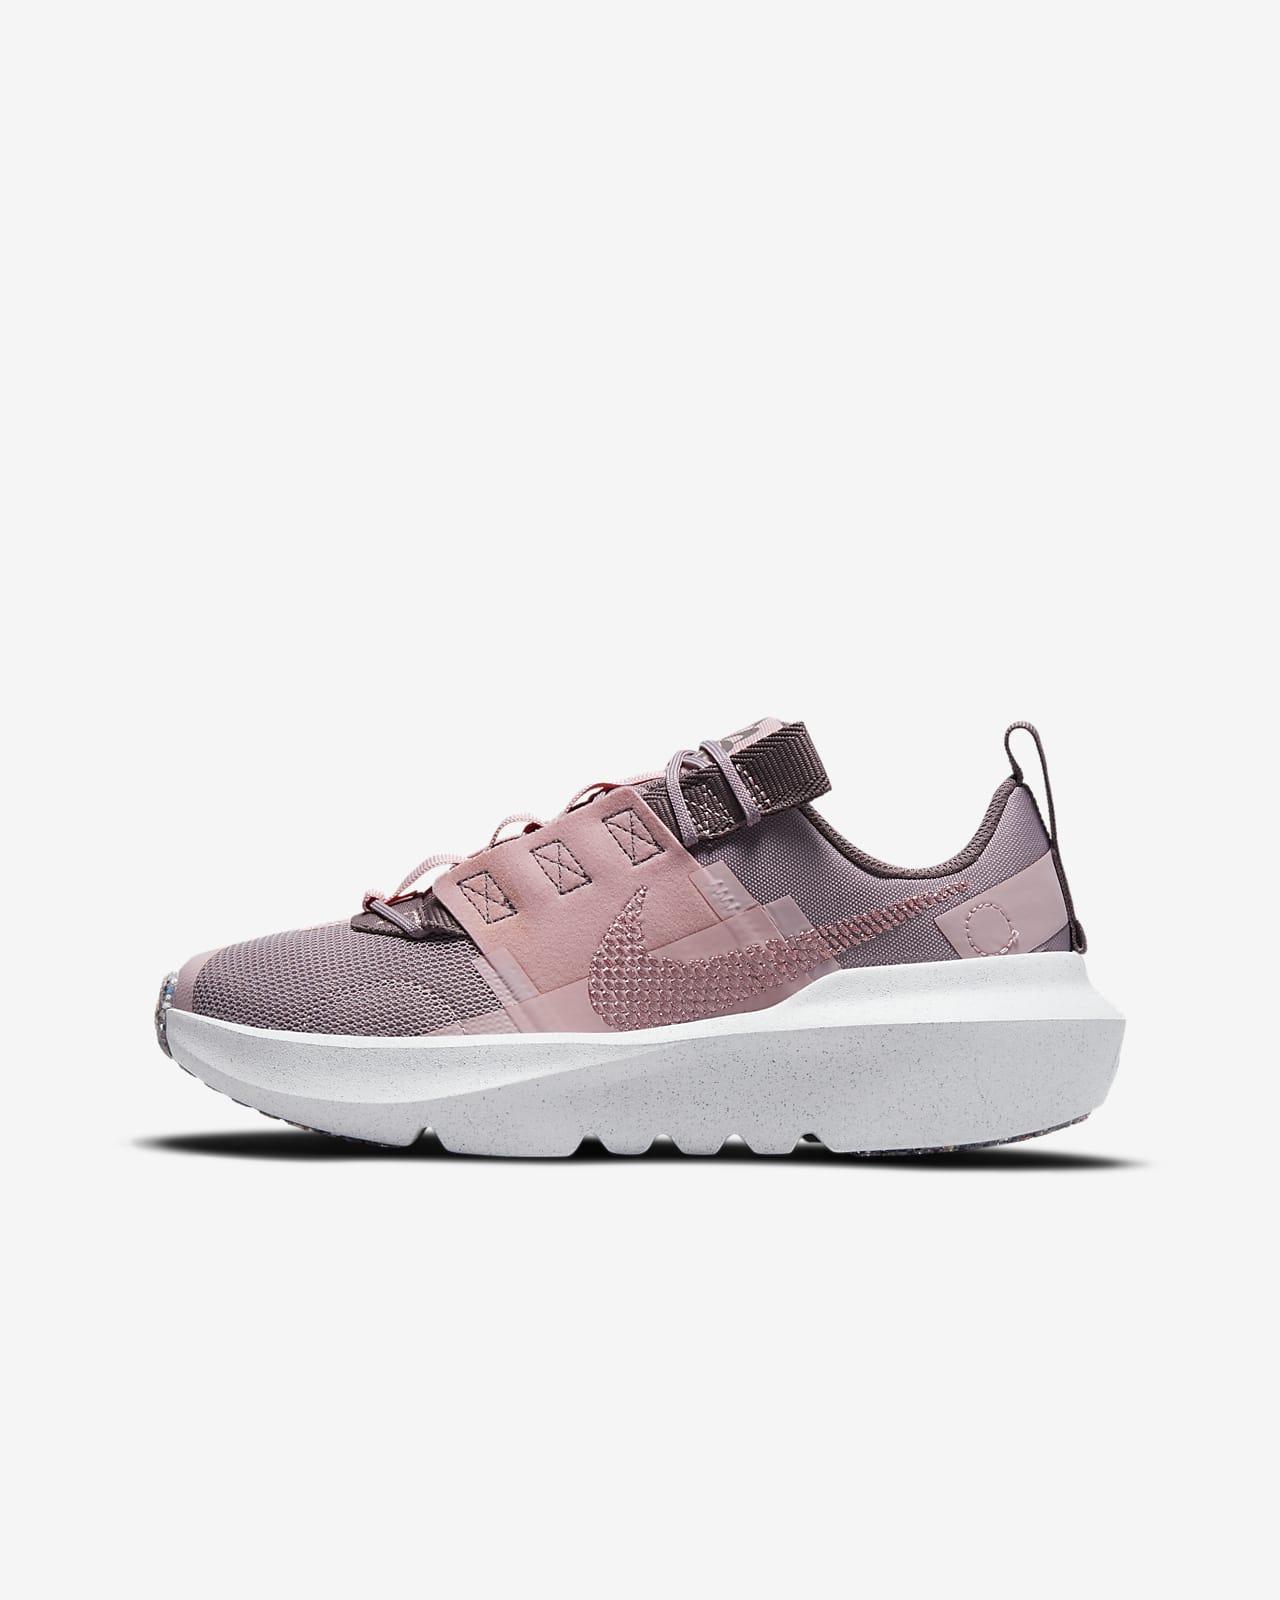 Chaussure Nike Crater Impact pour Enfant plus âgé